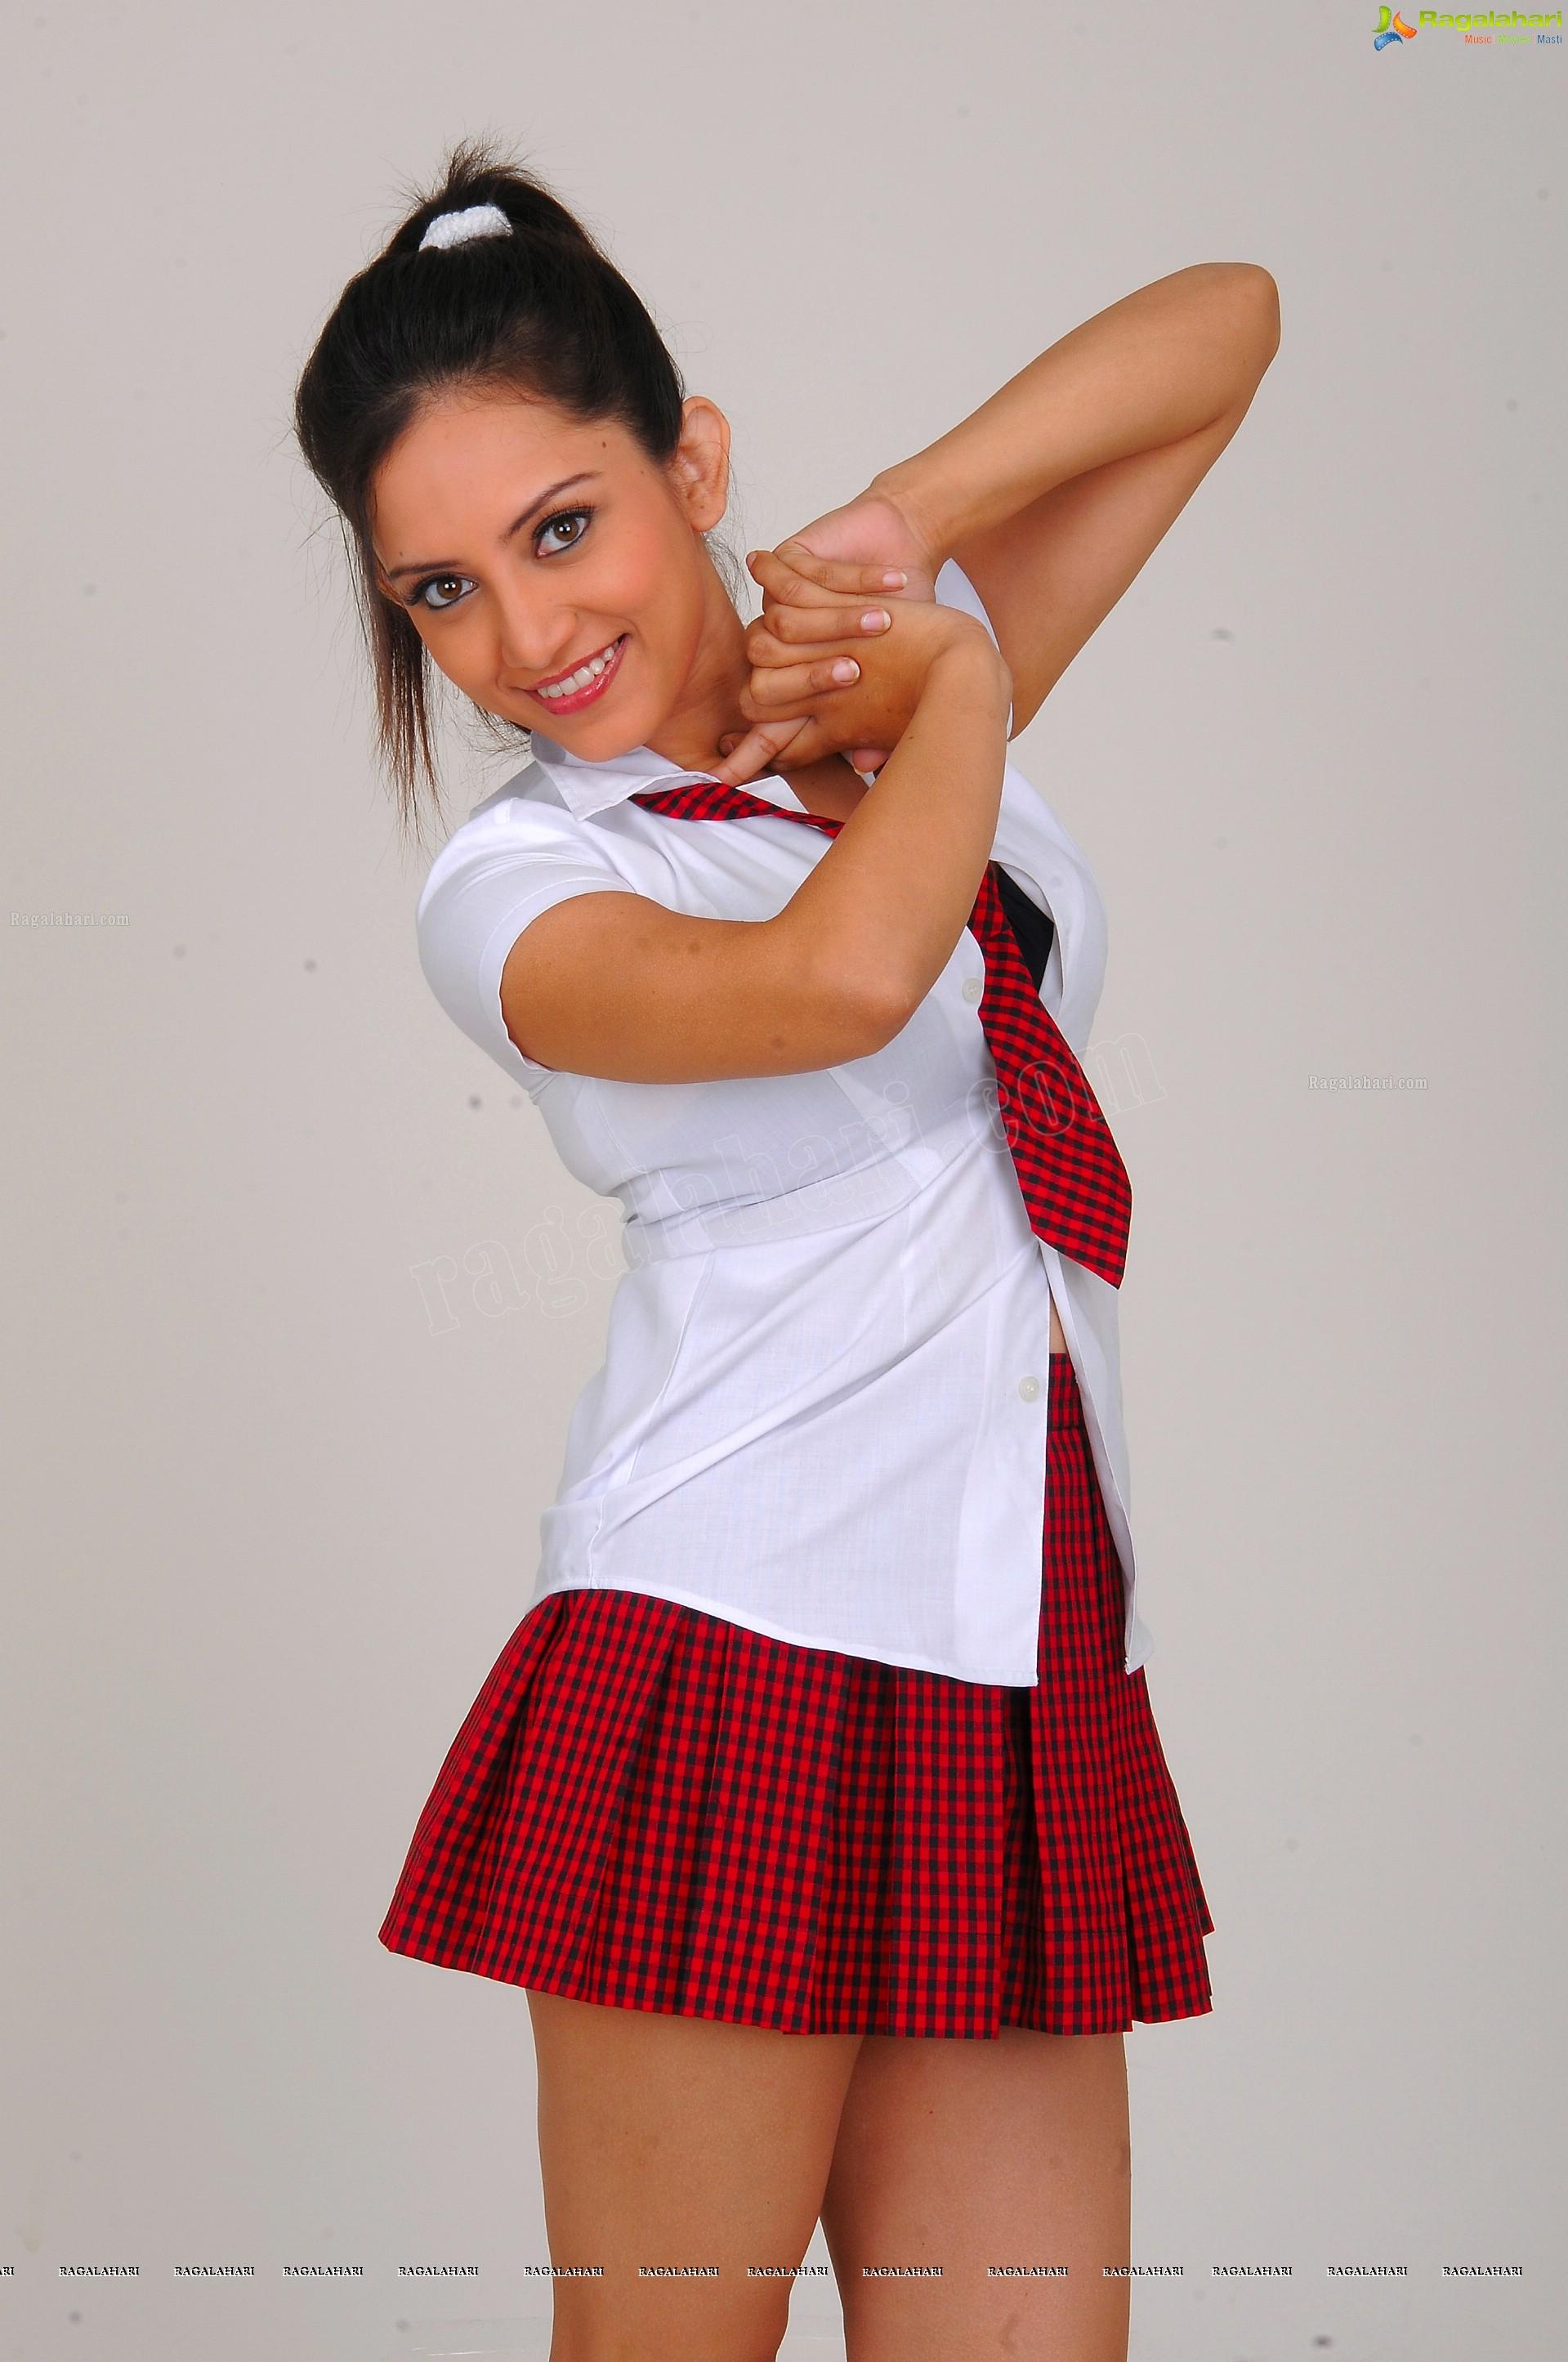 http://img.raagalahari.com/june2013/hd/telugu-heroine-leesa/telugu-heroine-leesa45.jpg